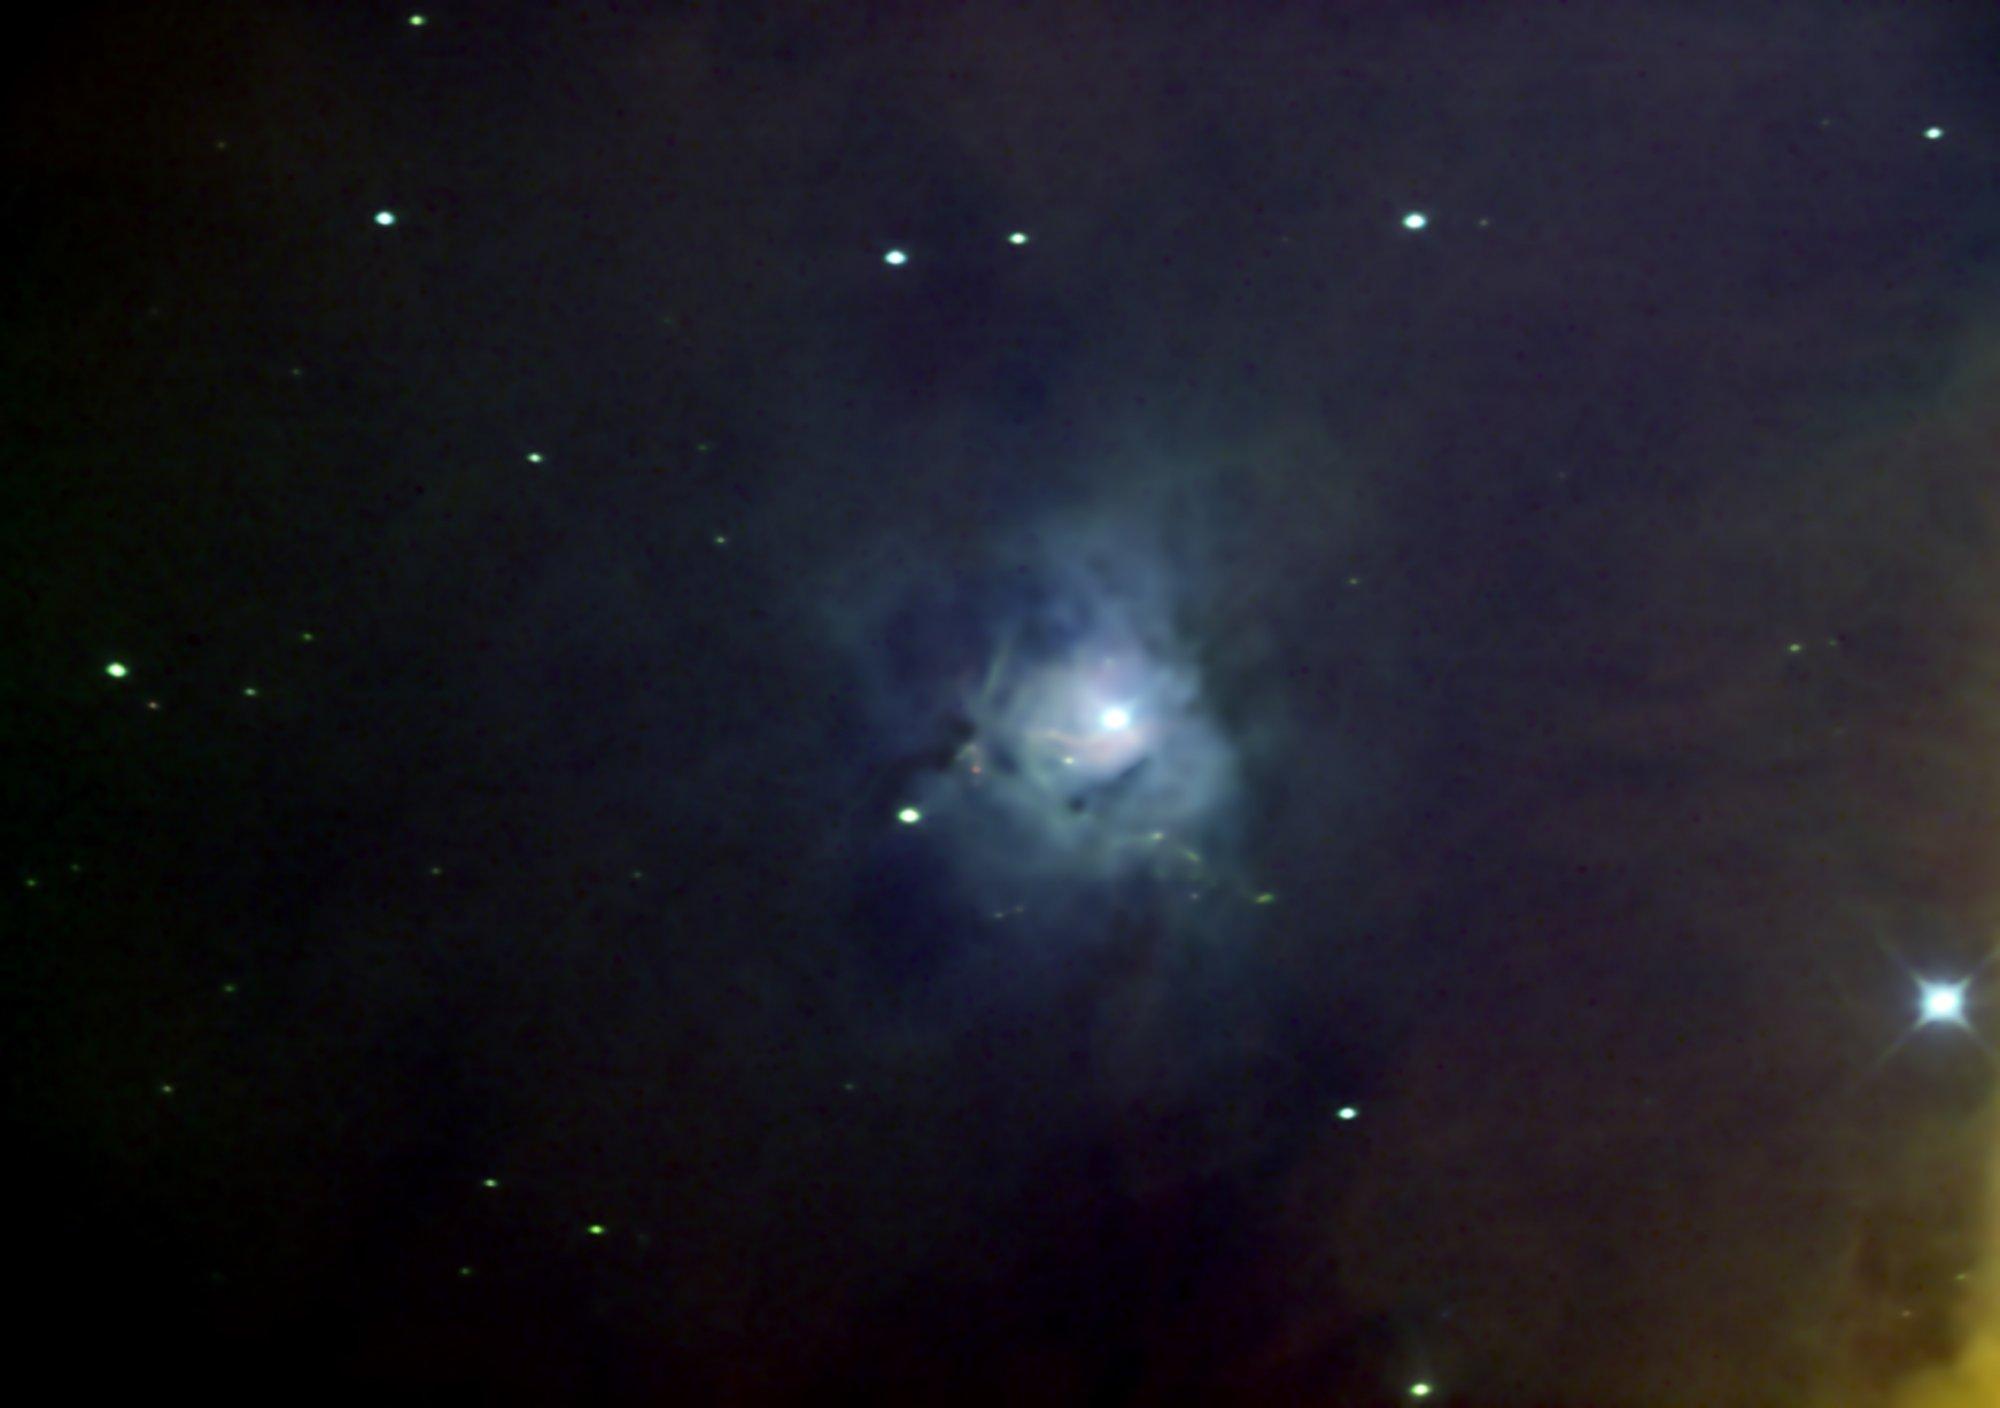 NGC2023